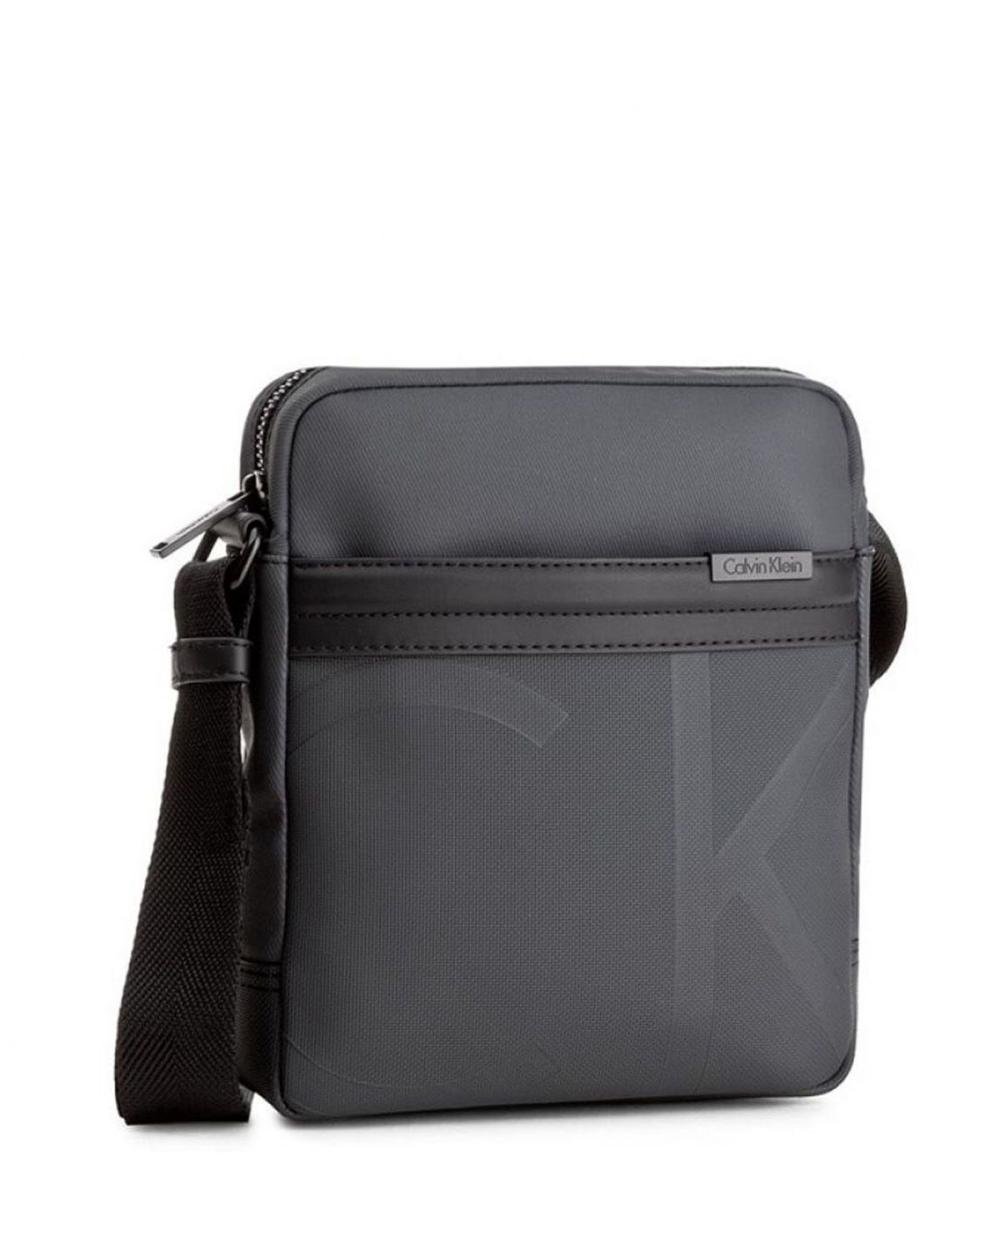 Photo of Calvin Klein Erkek Postacı Çanta Modelleri ve Fiyatları | eçanta